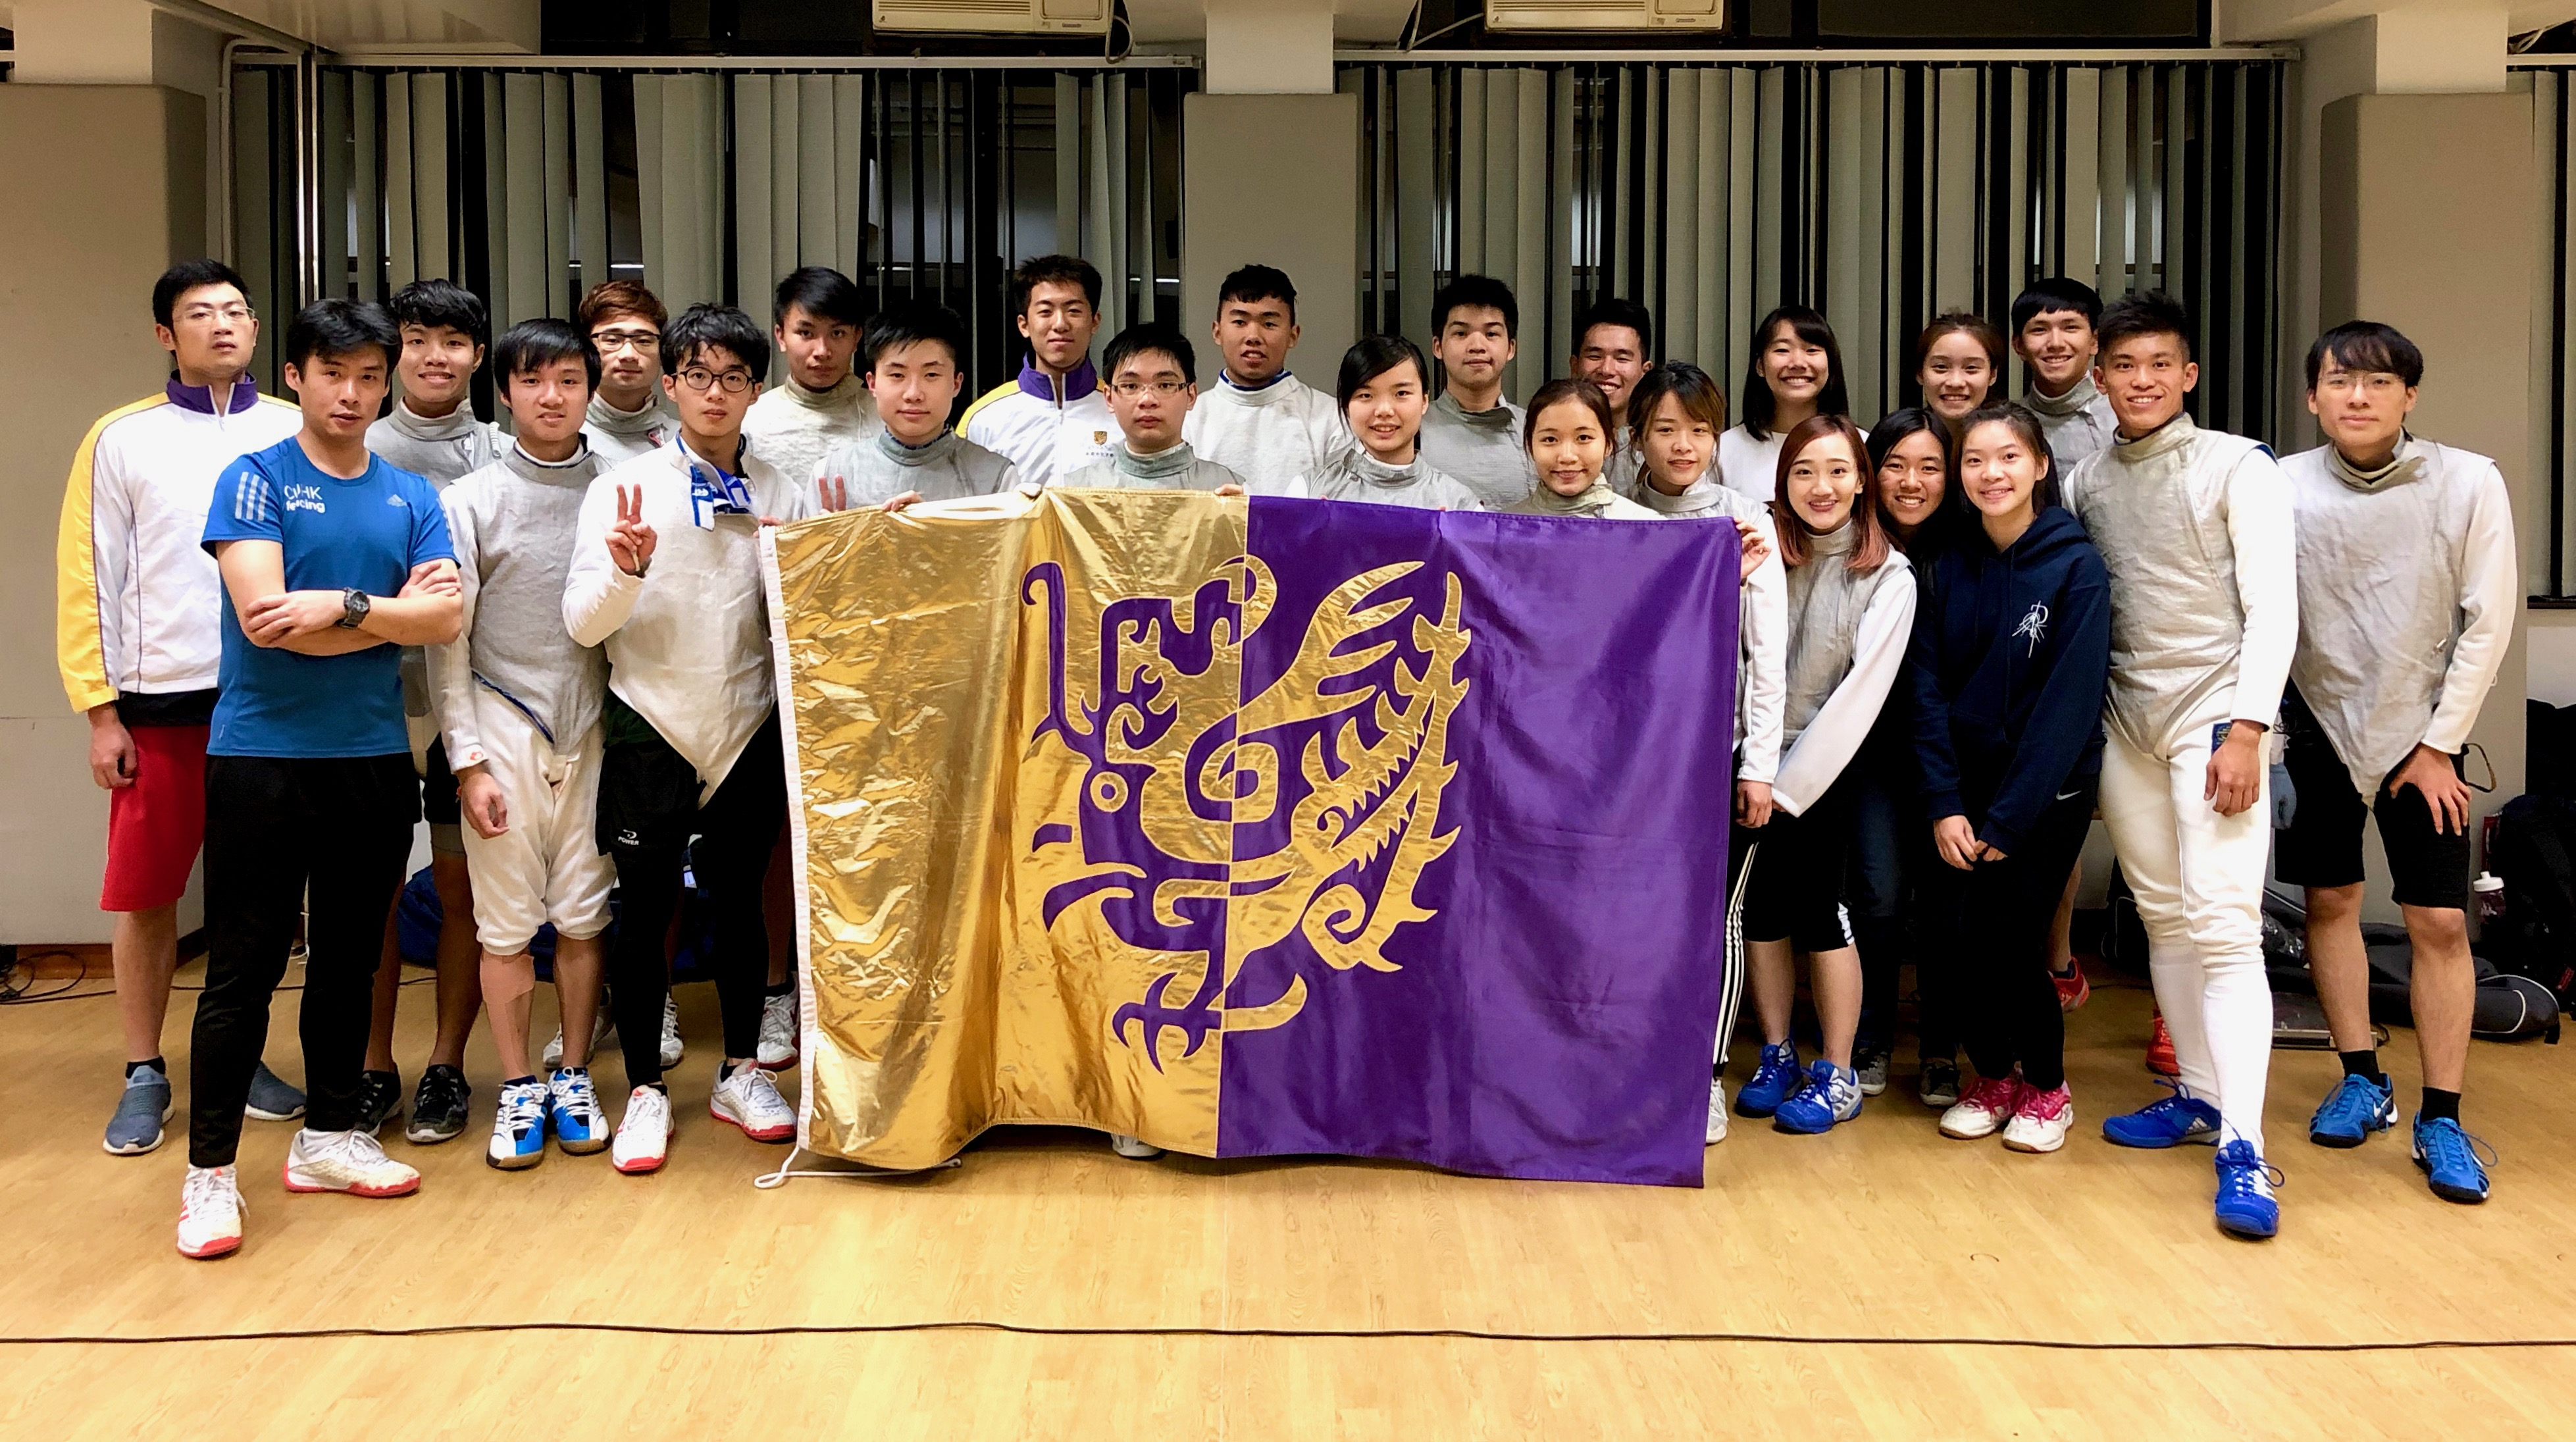 Fencing team 2018 2019